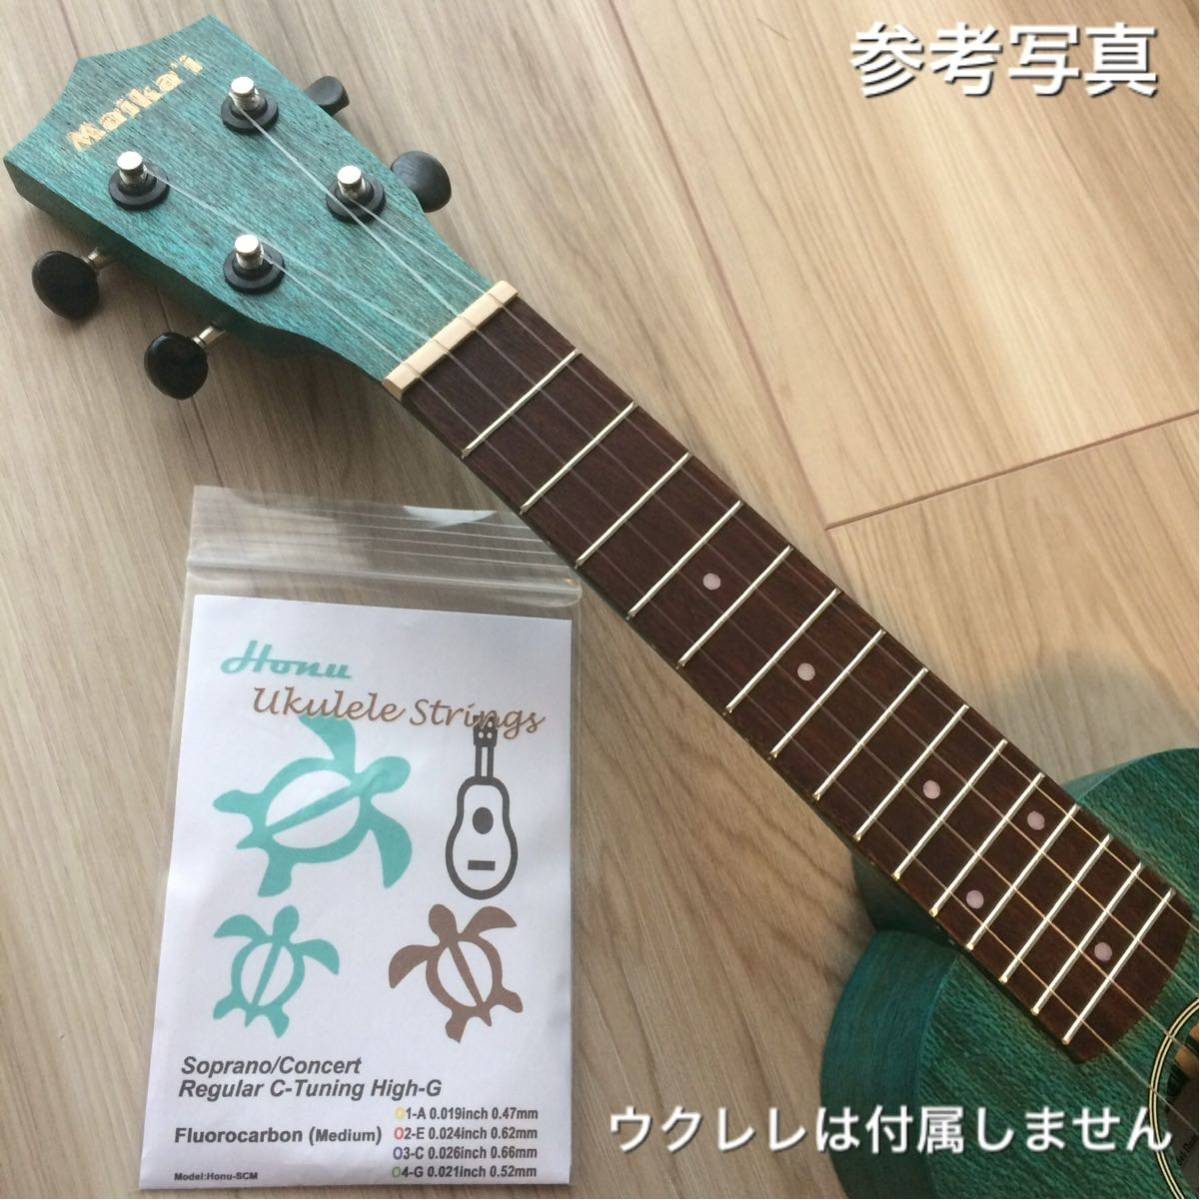 Honu 《ホヌ》ウクレレ フロロカーボン弦 (MED)(High-G) (新品)_画像4